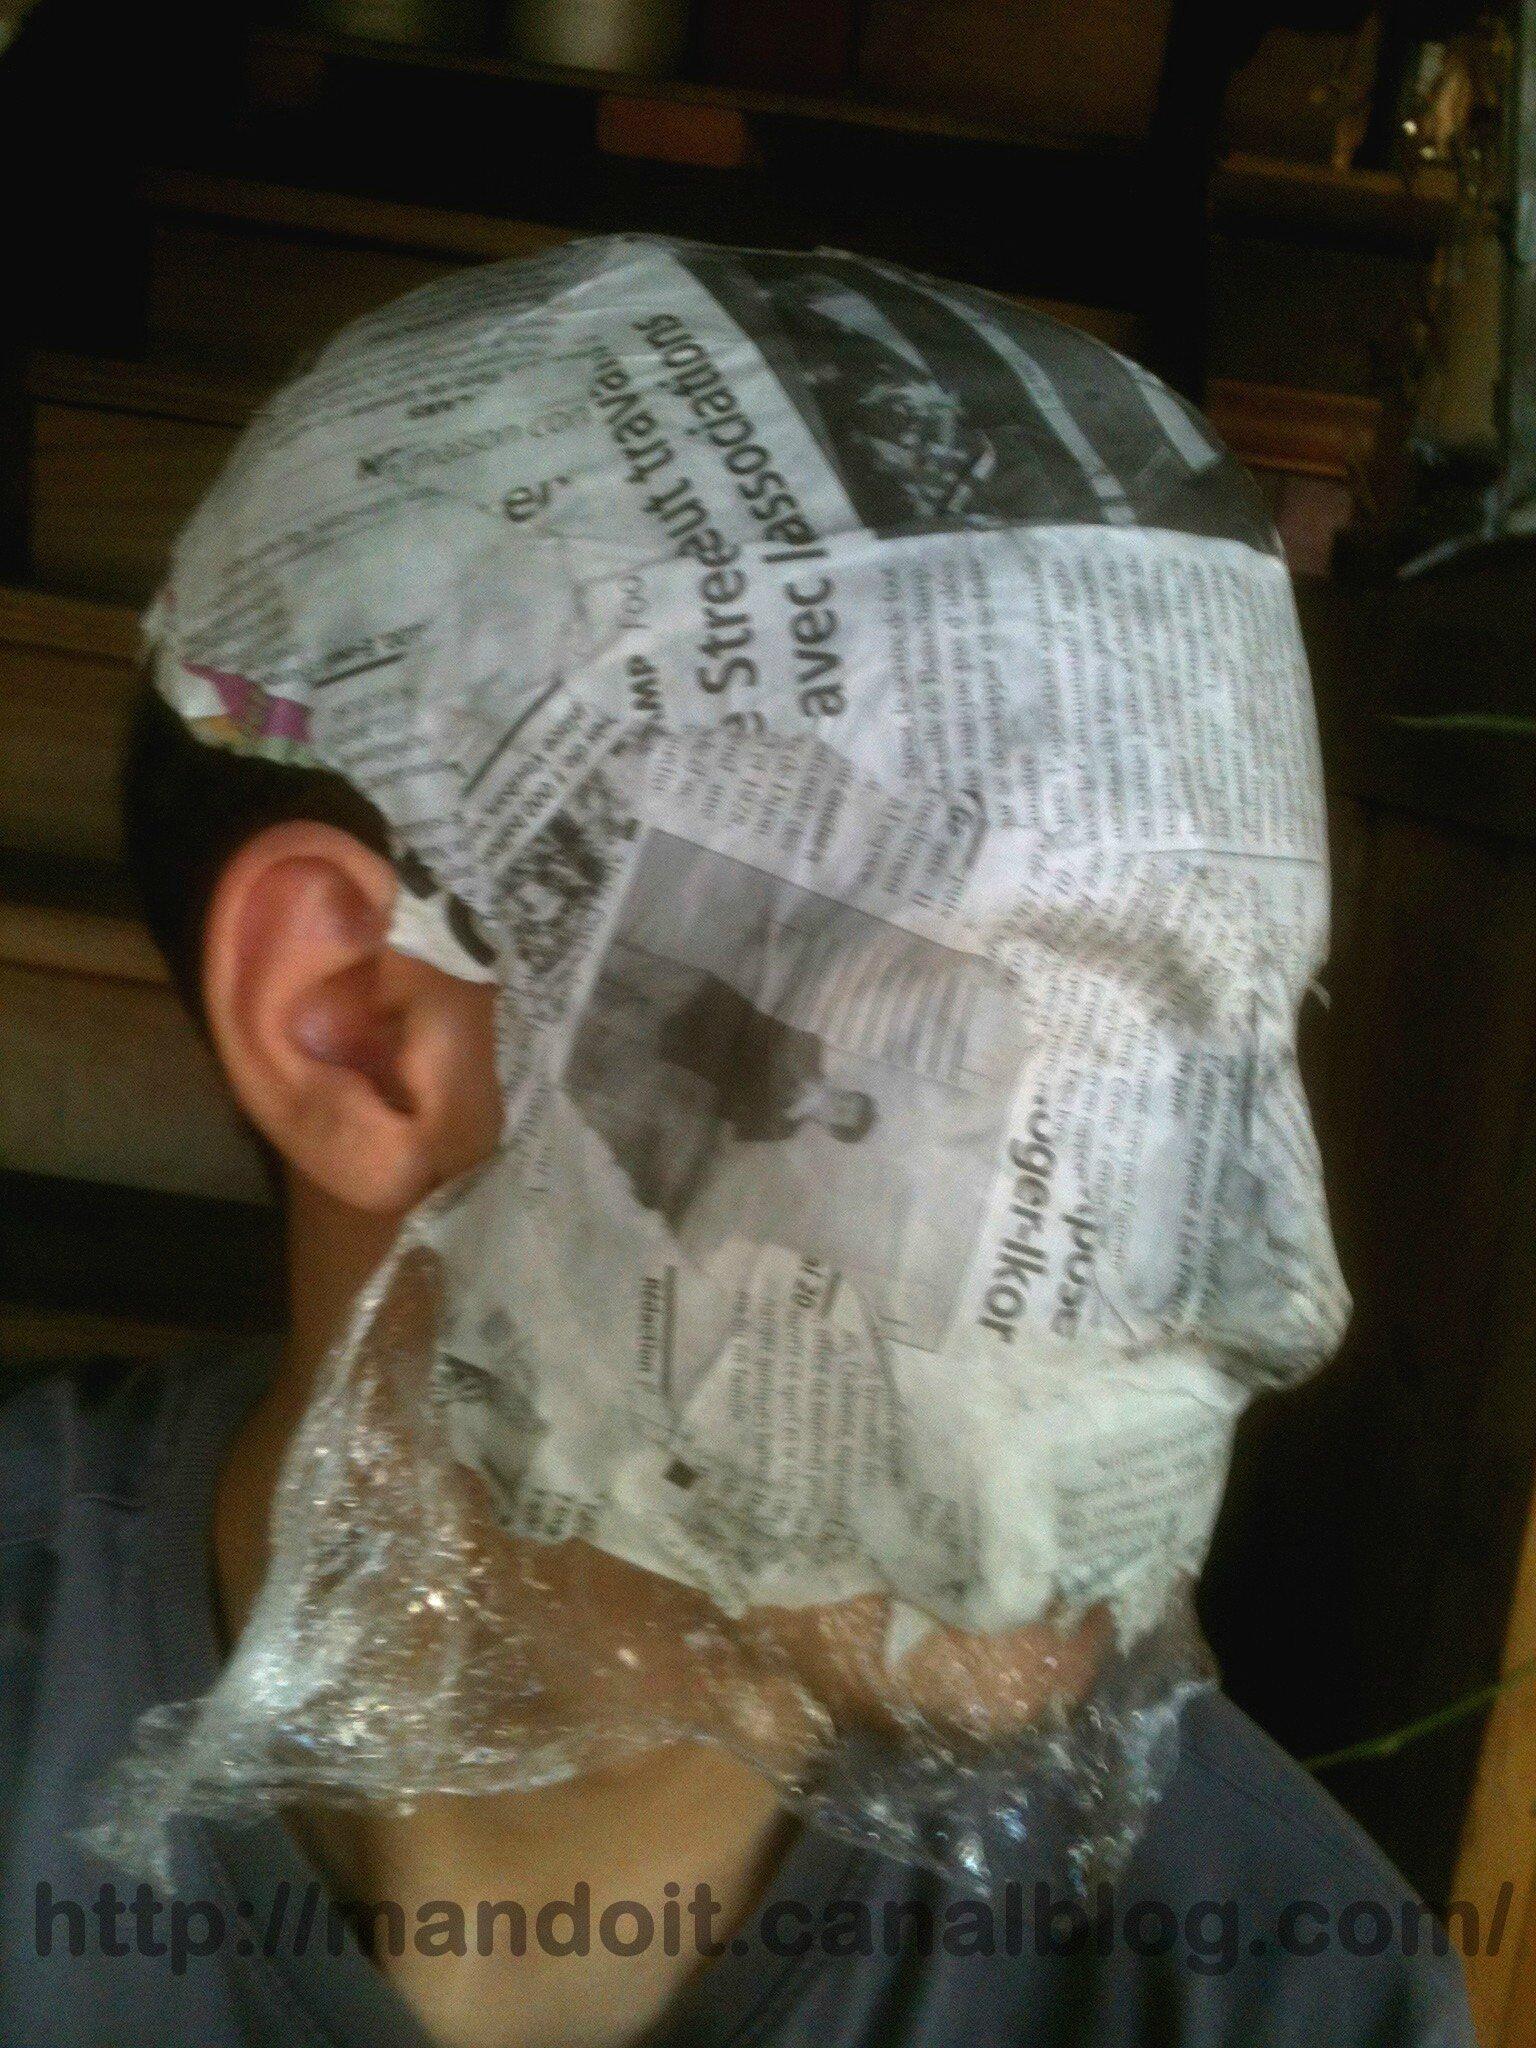 Masque de papier mach non termin man do it - Masque papier mache ...